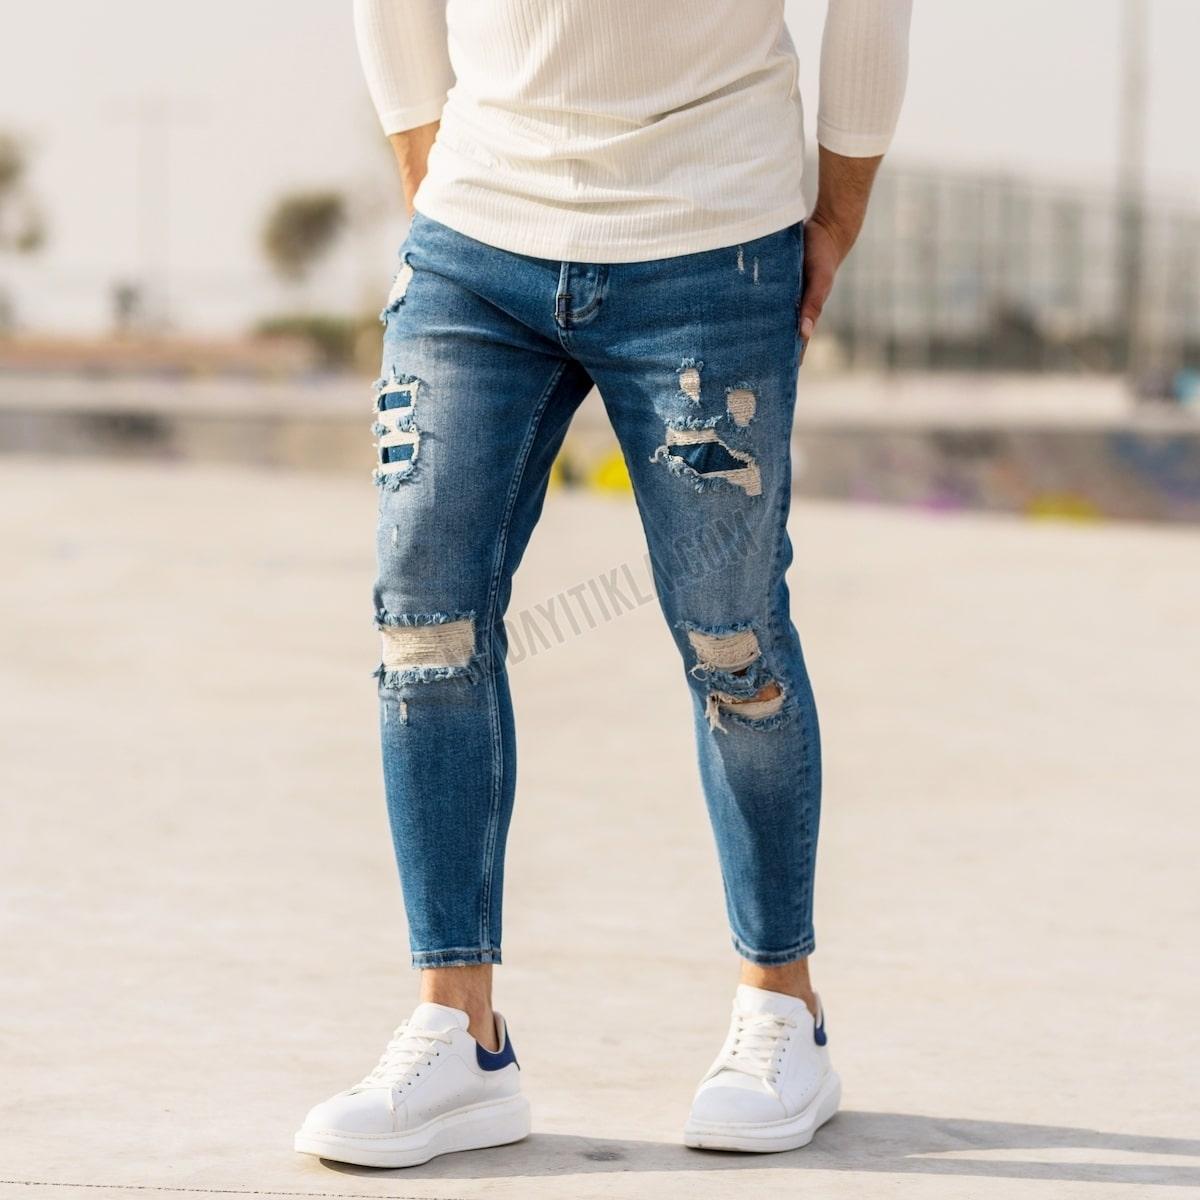 Erkek Dizi Yırtık İşlemeli Mavi Kot Pantolon